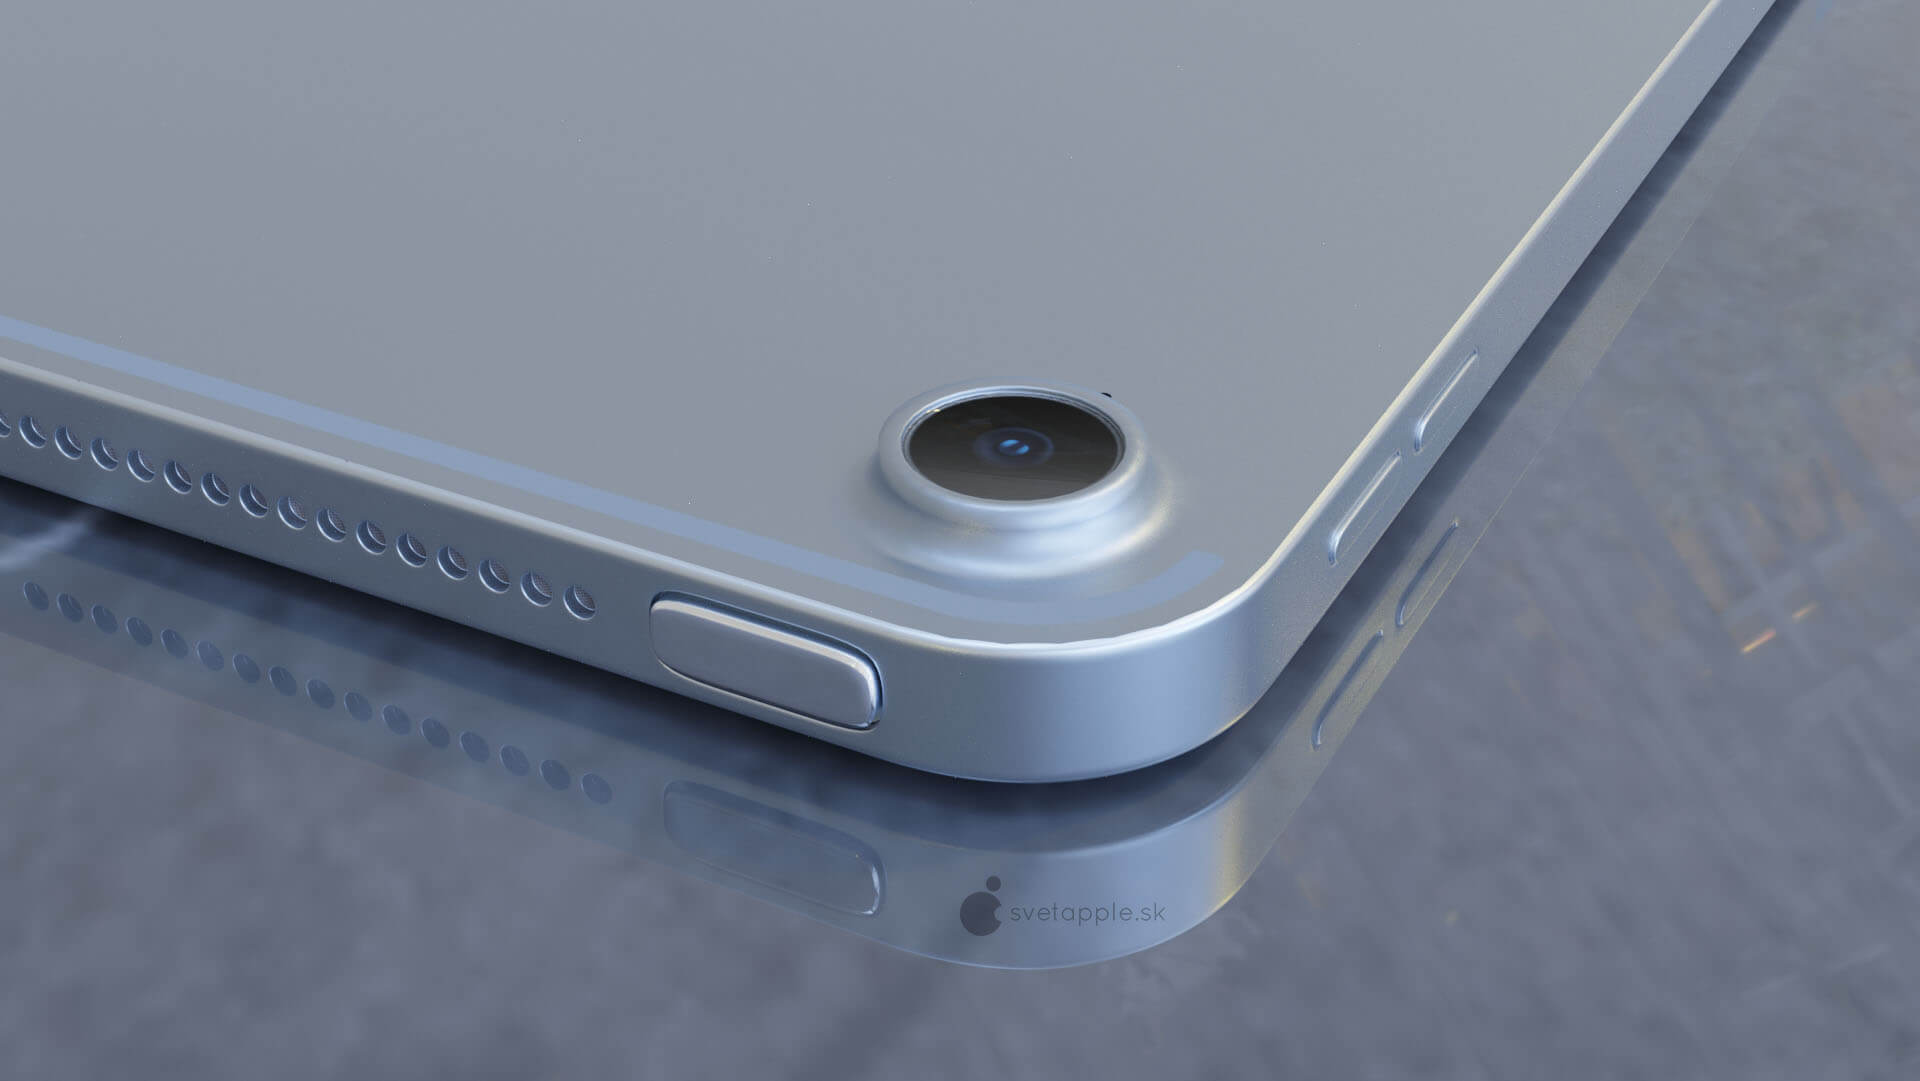 来週発売とうわさのiPad Air 4はこんな感じ?コンセプト画像が公開 tech200903_ipadair_3